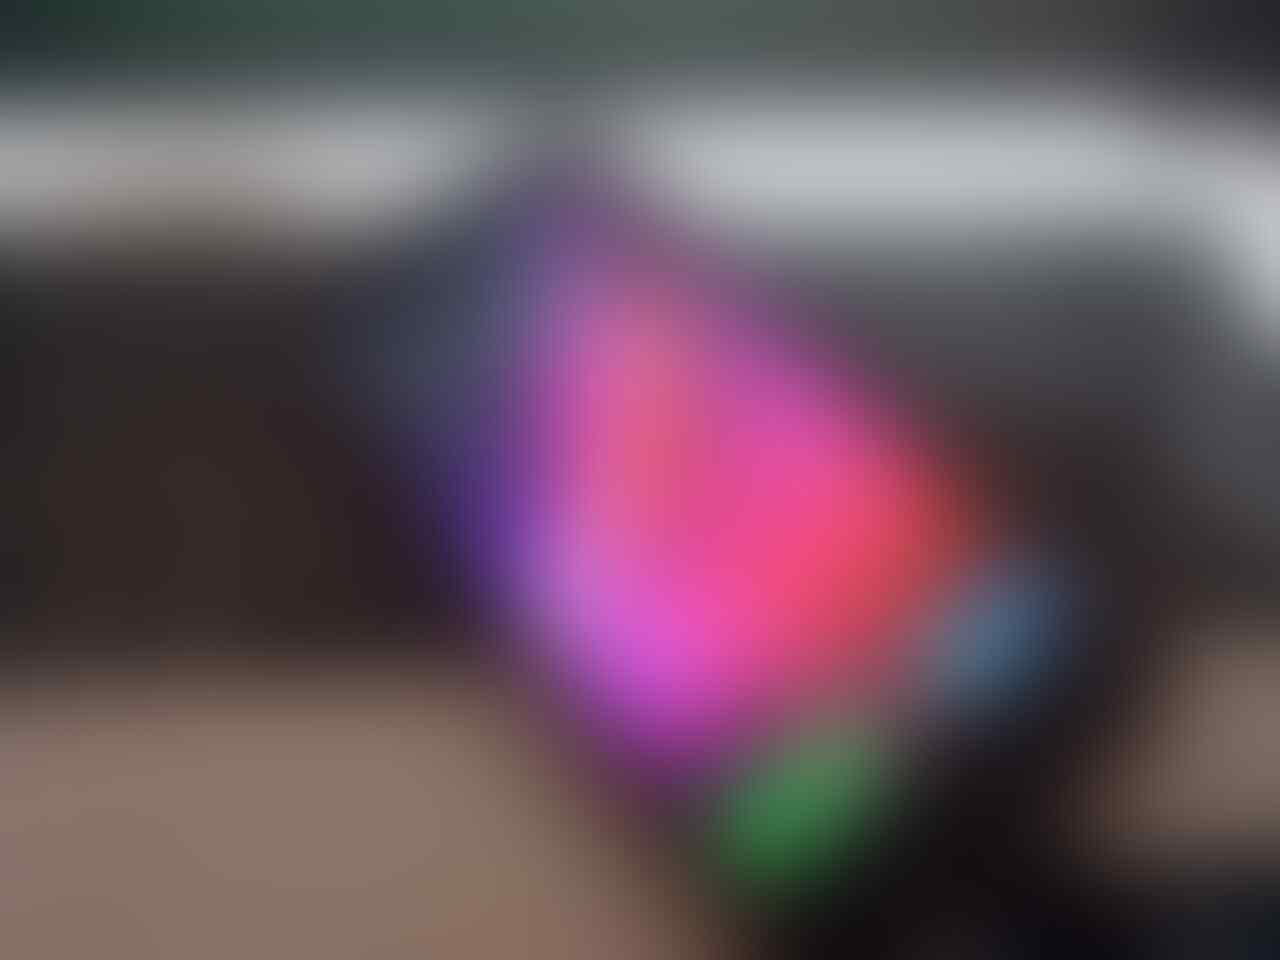 Asus Zenfone 6 Mau TT Tukar Tambah atau Barter Hape Lain